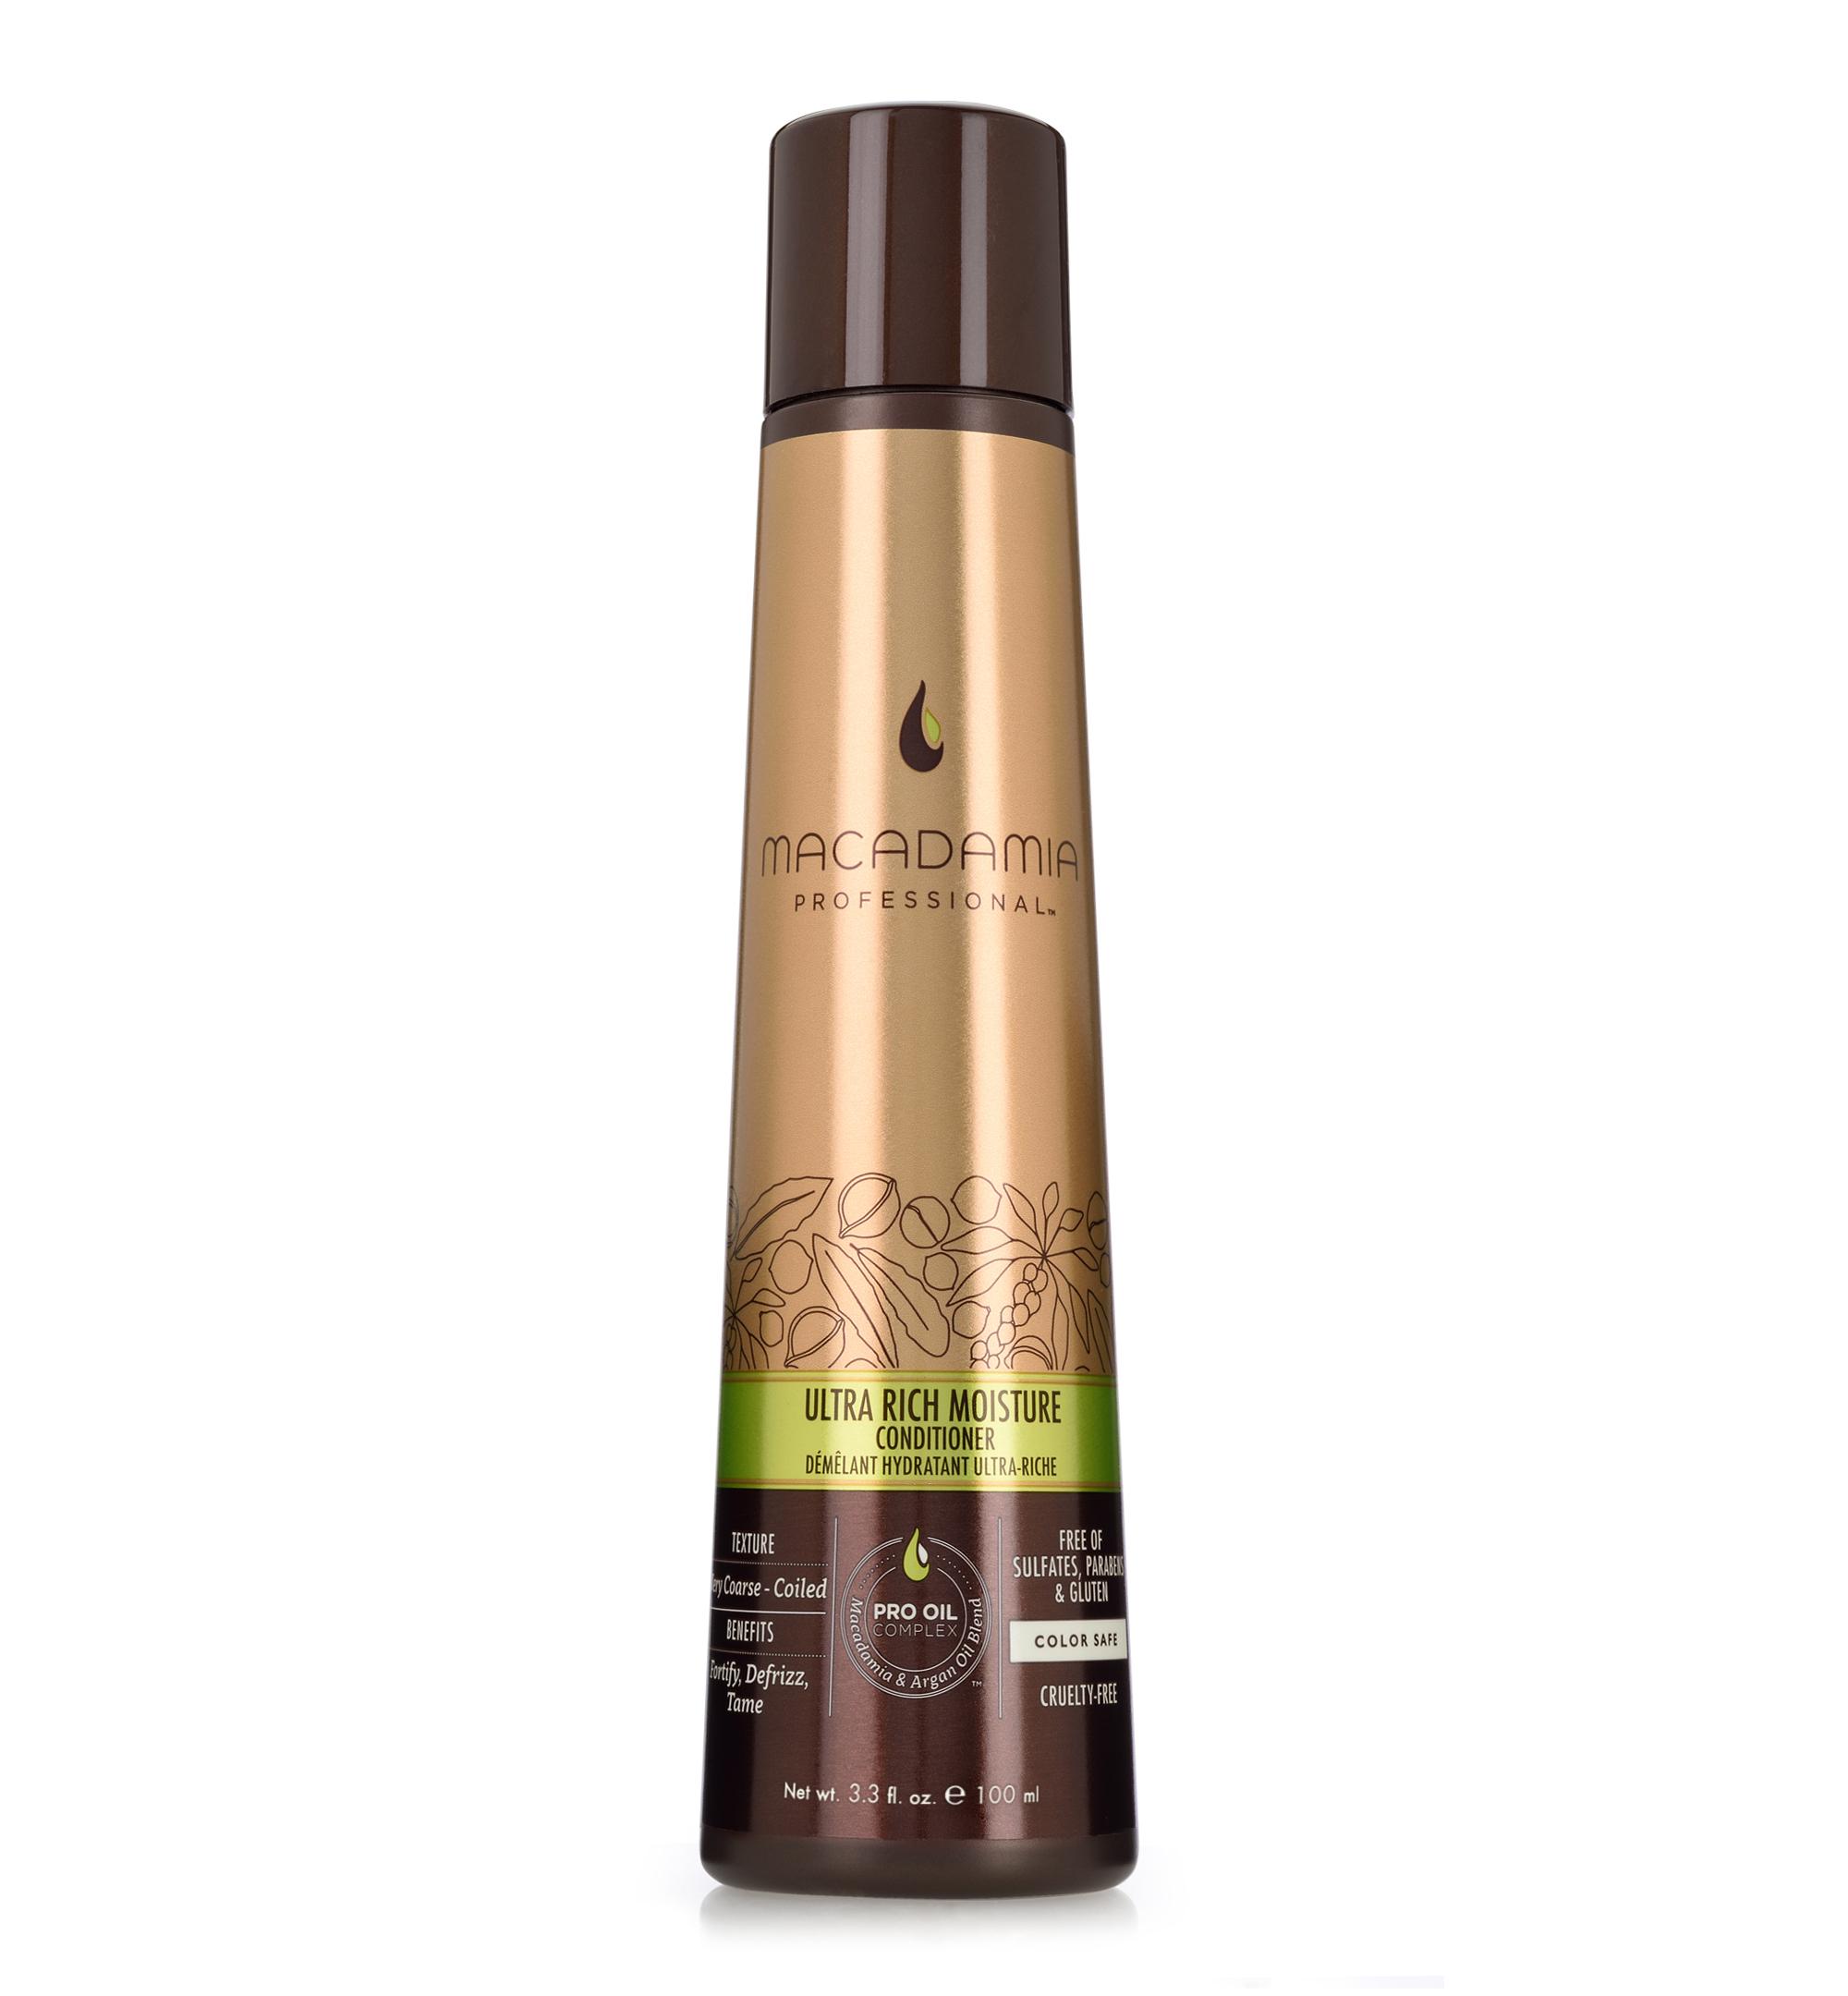 Macadamia Professional Кондиционер увлажняющий для жестких волос, 100 мл200301Сочетание эксклюзивного комплекса Pro Oil Complex, масел авокадо и монгонго в увлажняющем кондиционере Macadamia Professional обеспечивает интенсивное восстановление и увлажнение волос, устраняет эффект пушистости и подчеркивает естественную форму локонов и текстуру волос. Сочетание аминокислот шелка, витаминов A, C и E укрепляет волосы и придает эластичность. Обеспечивает защиту от действия УФ-лучей и неблагоприятных факторов окружающей среды.